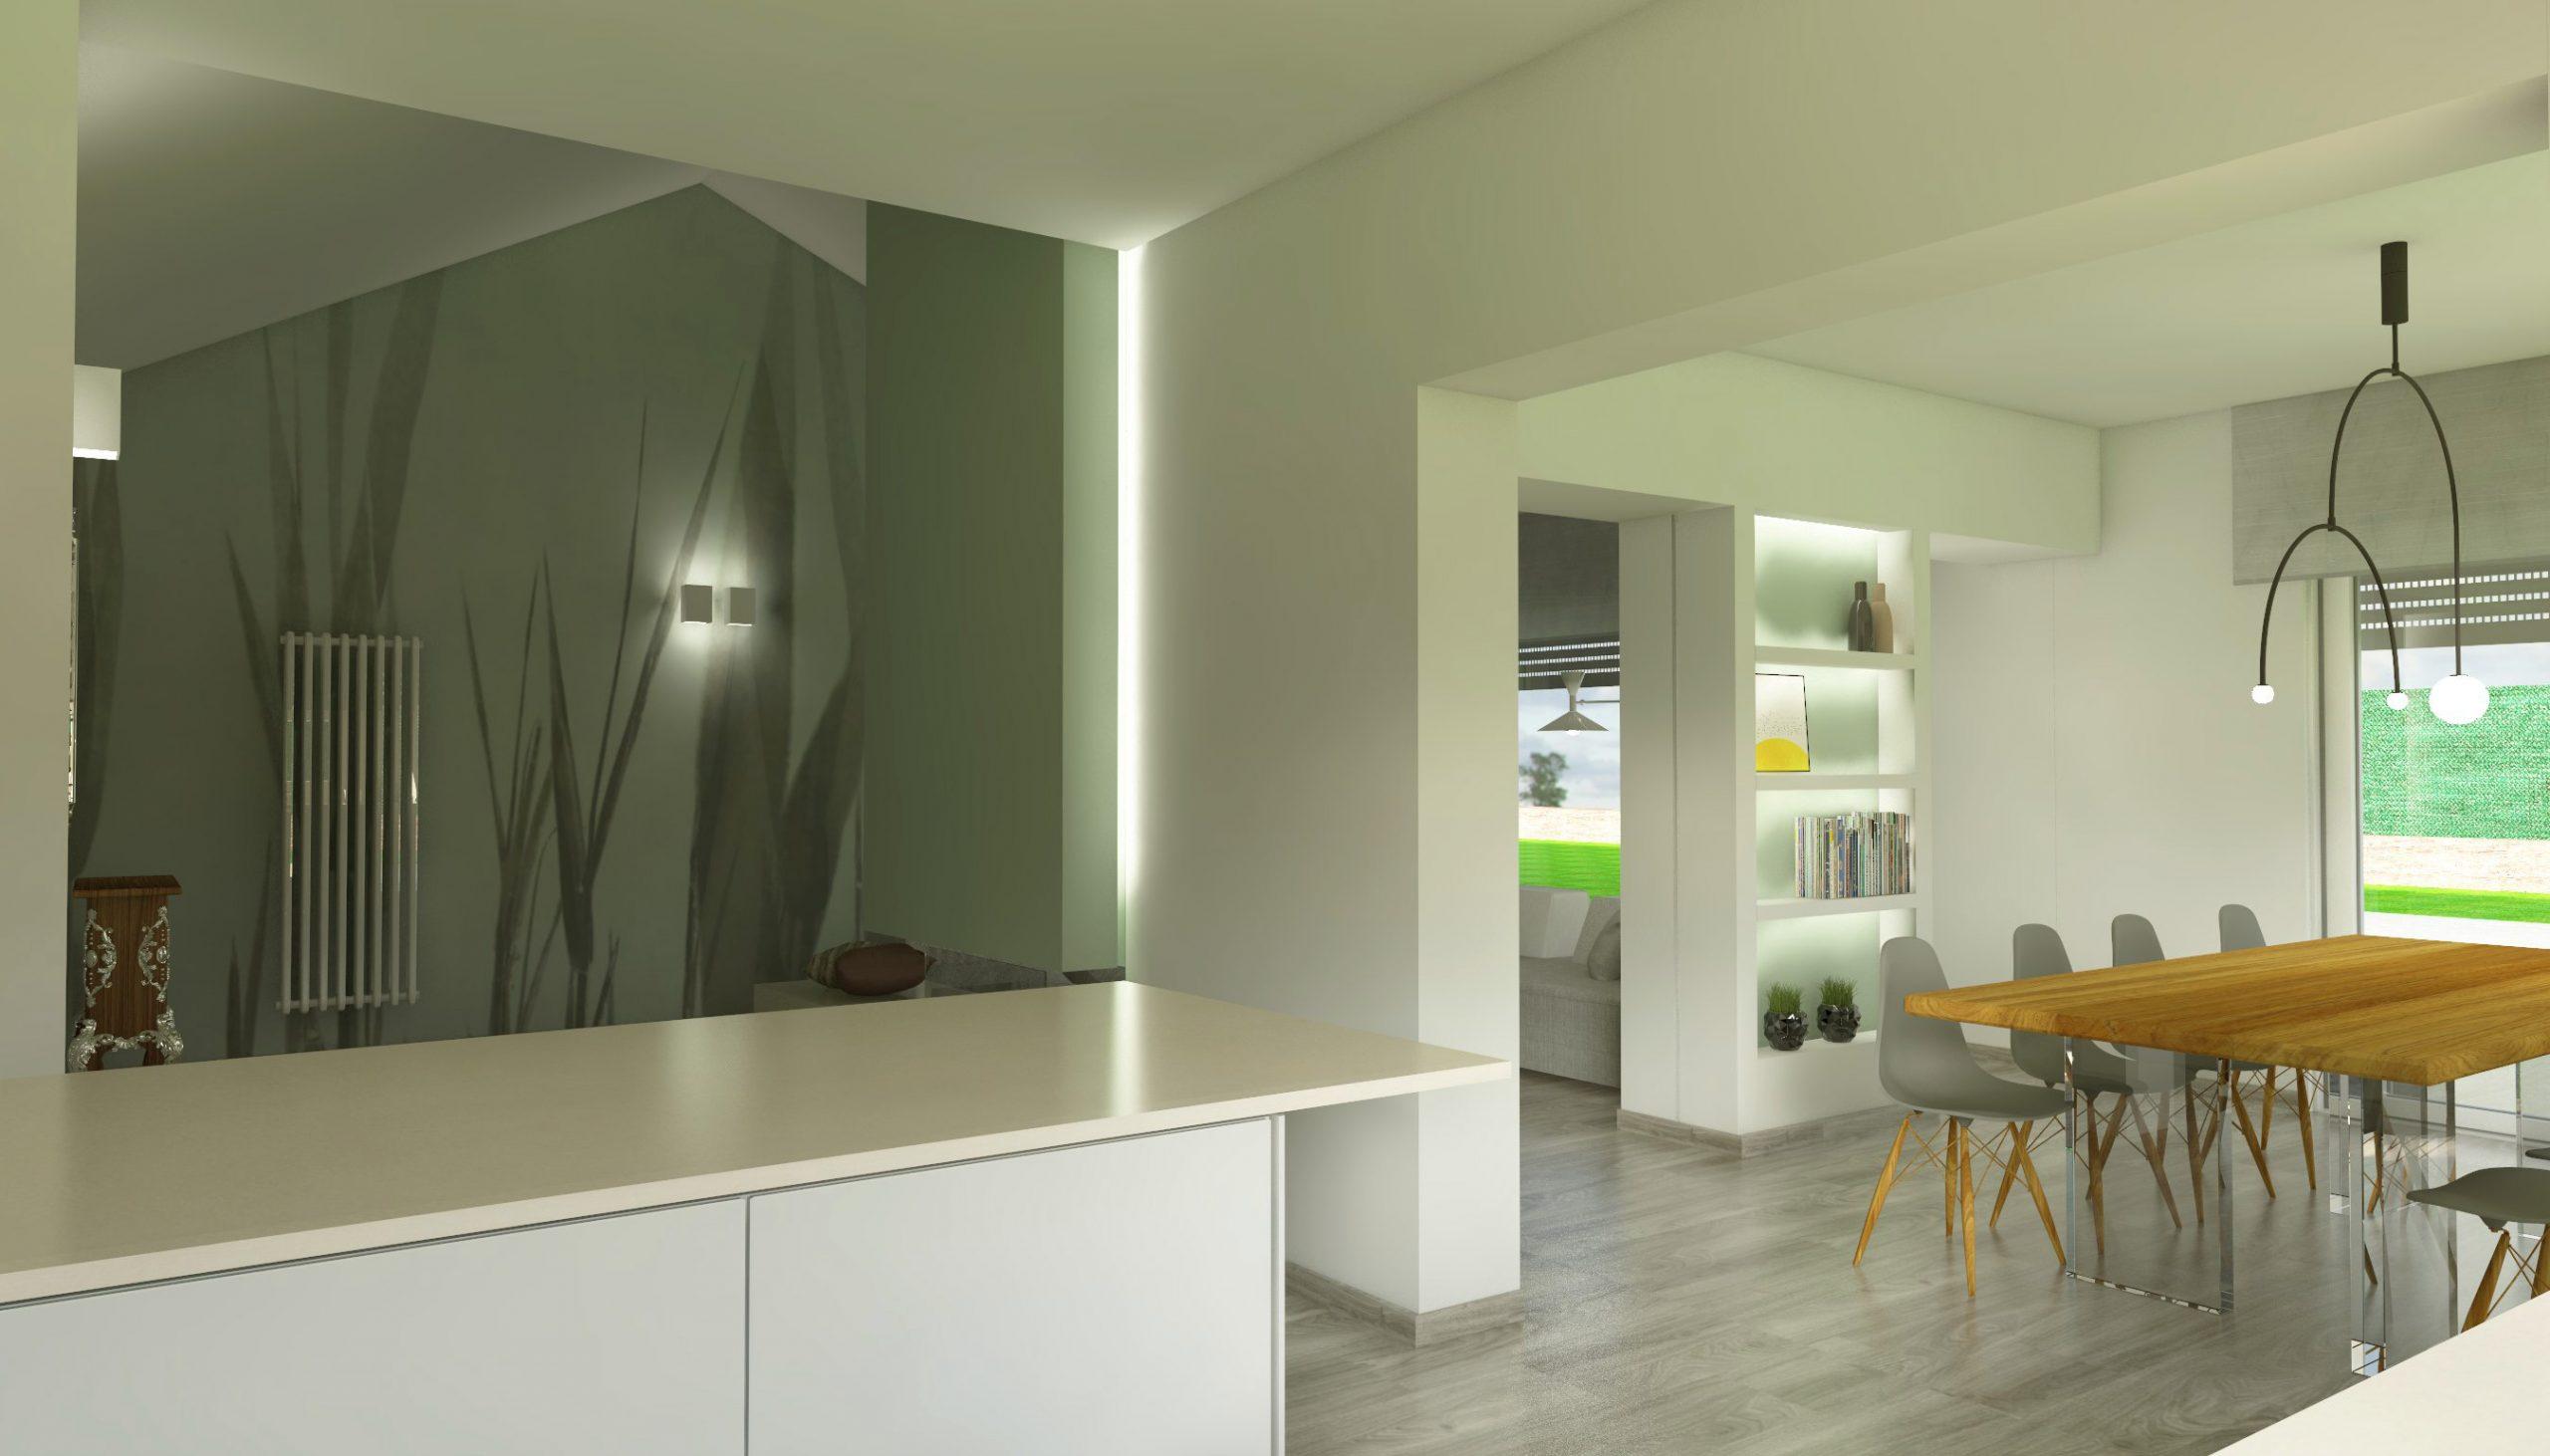 interiors, new villa